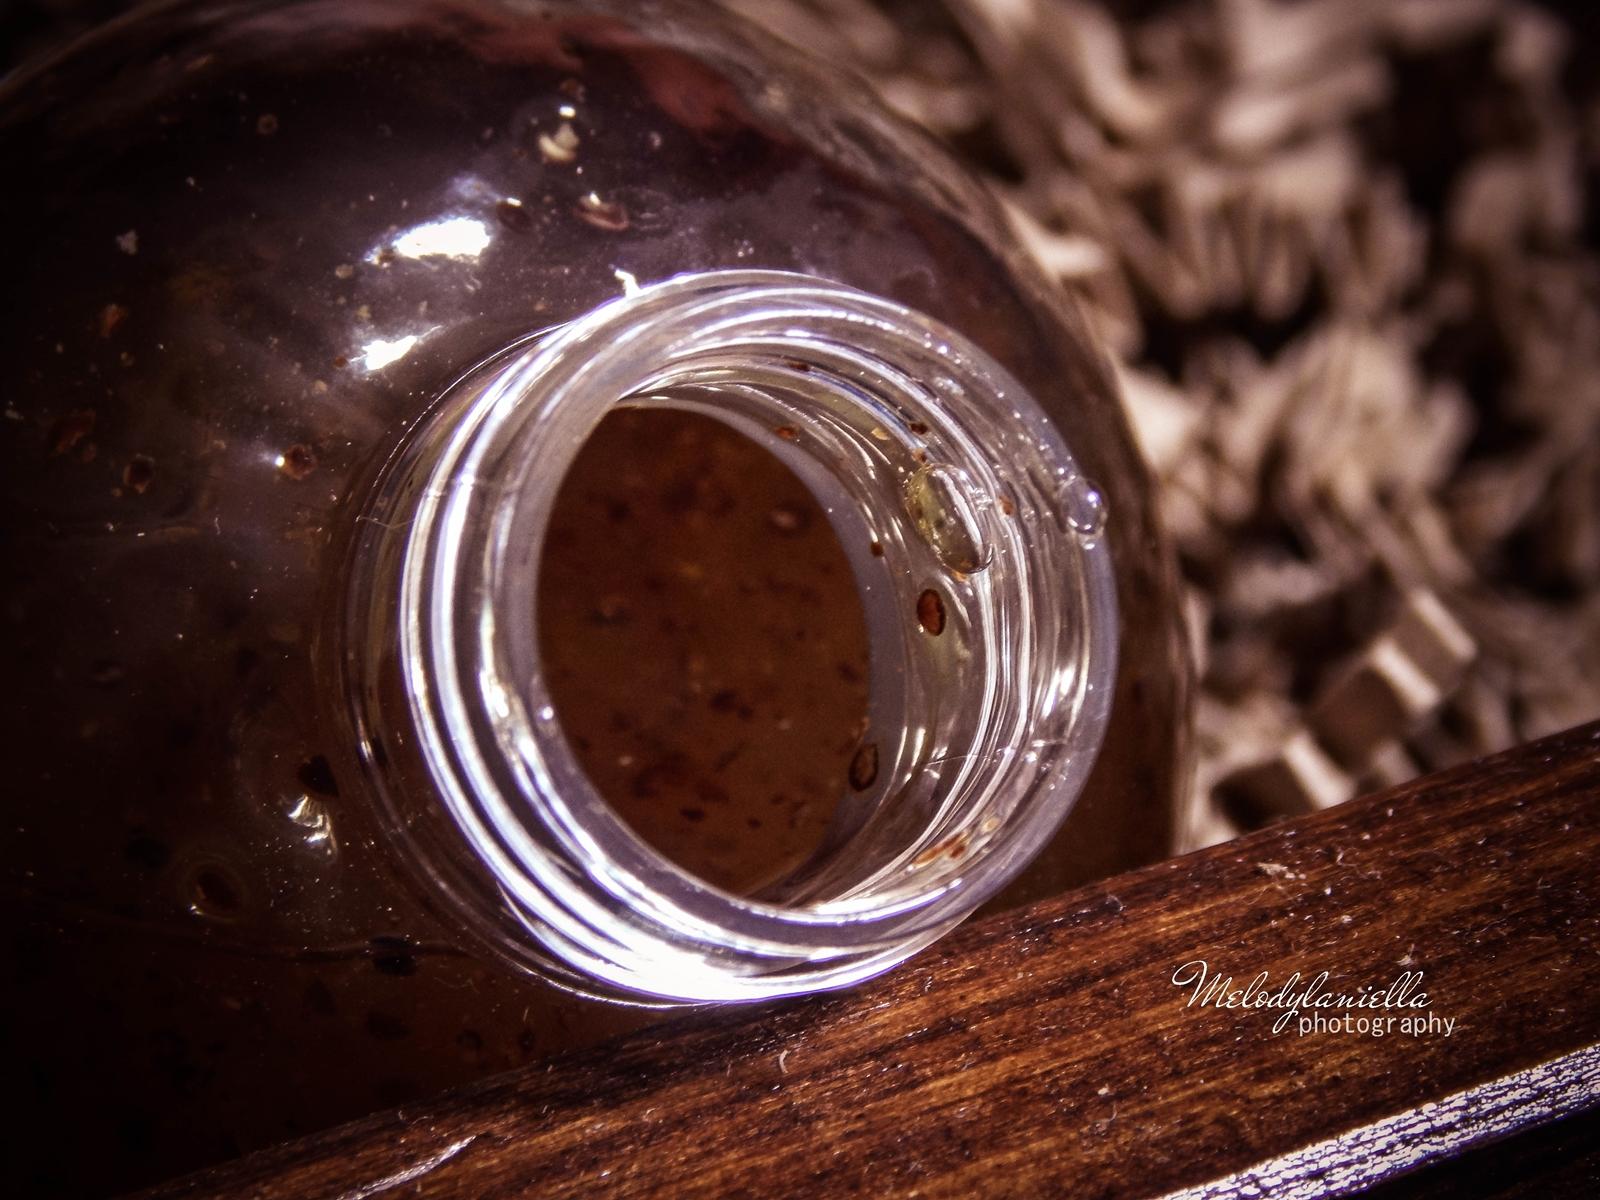 zielone laboratorium odżywka do włosów odbudowująca kosmetyki wegańskie żel do mycia szampon aromaterapeutyczny kosmetyki o mocnych zapachach olejki eteryczne kosmetyki naturalne melodylaniella żel